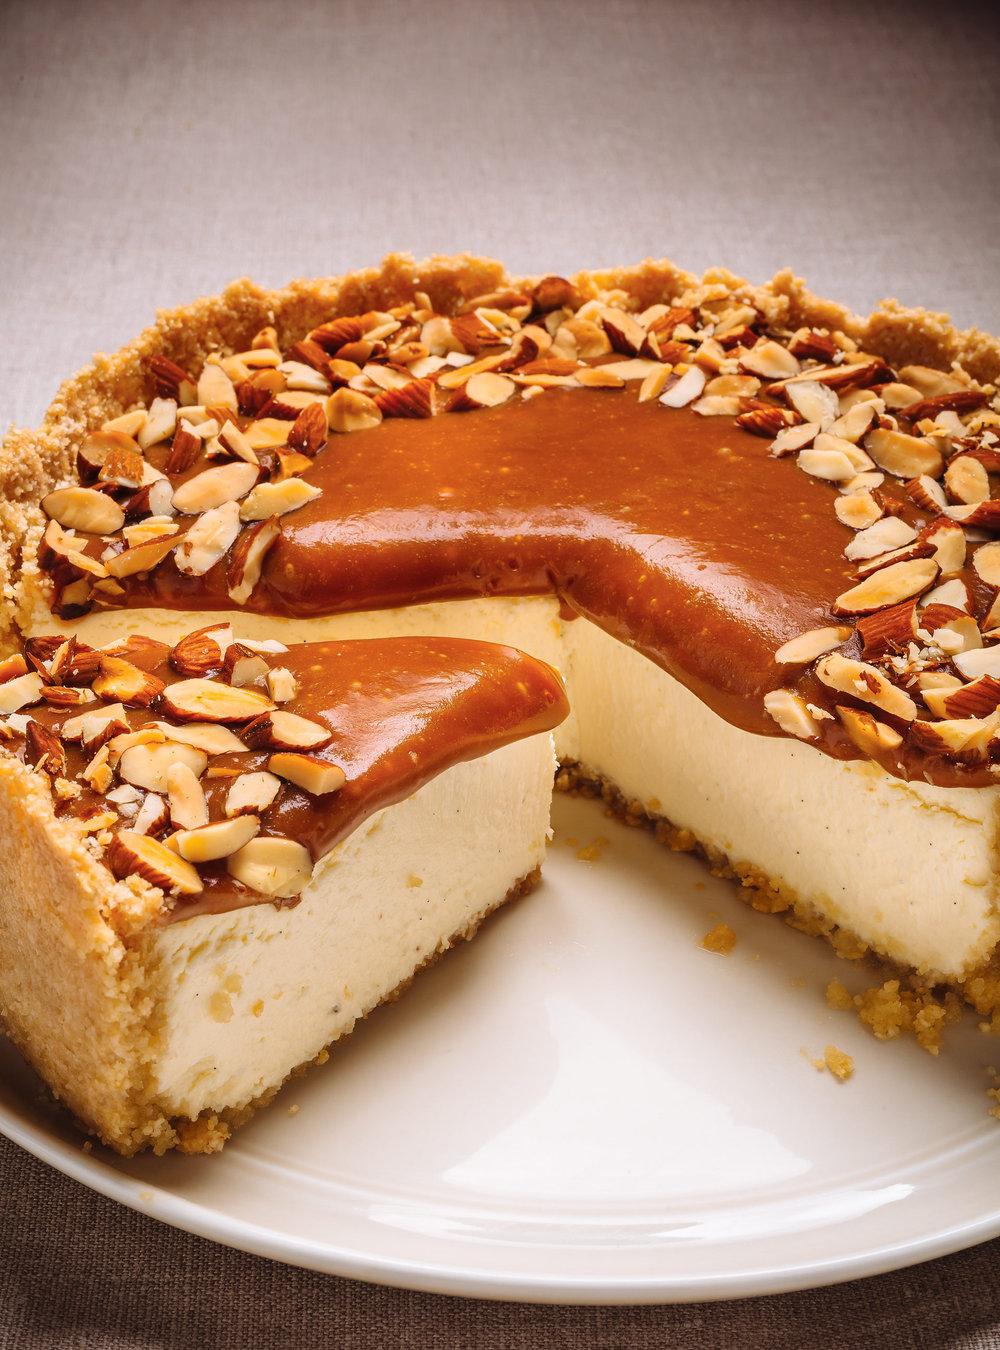 Gâteau au fromage au caramel et aux amandes | ricardo